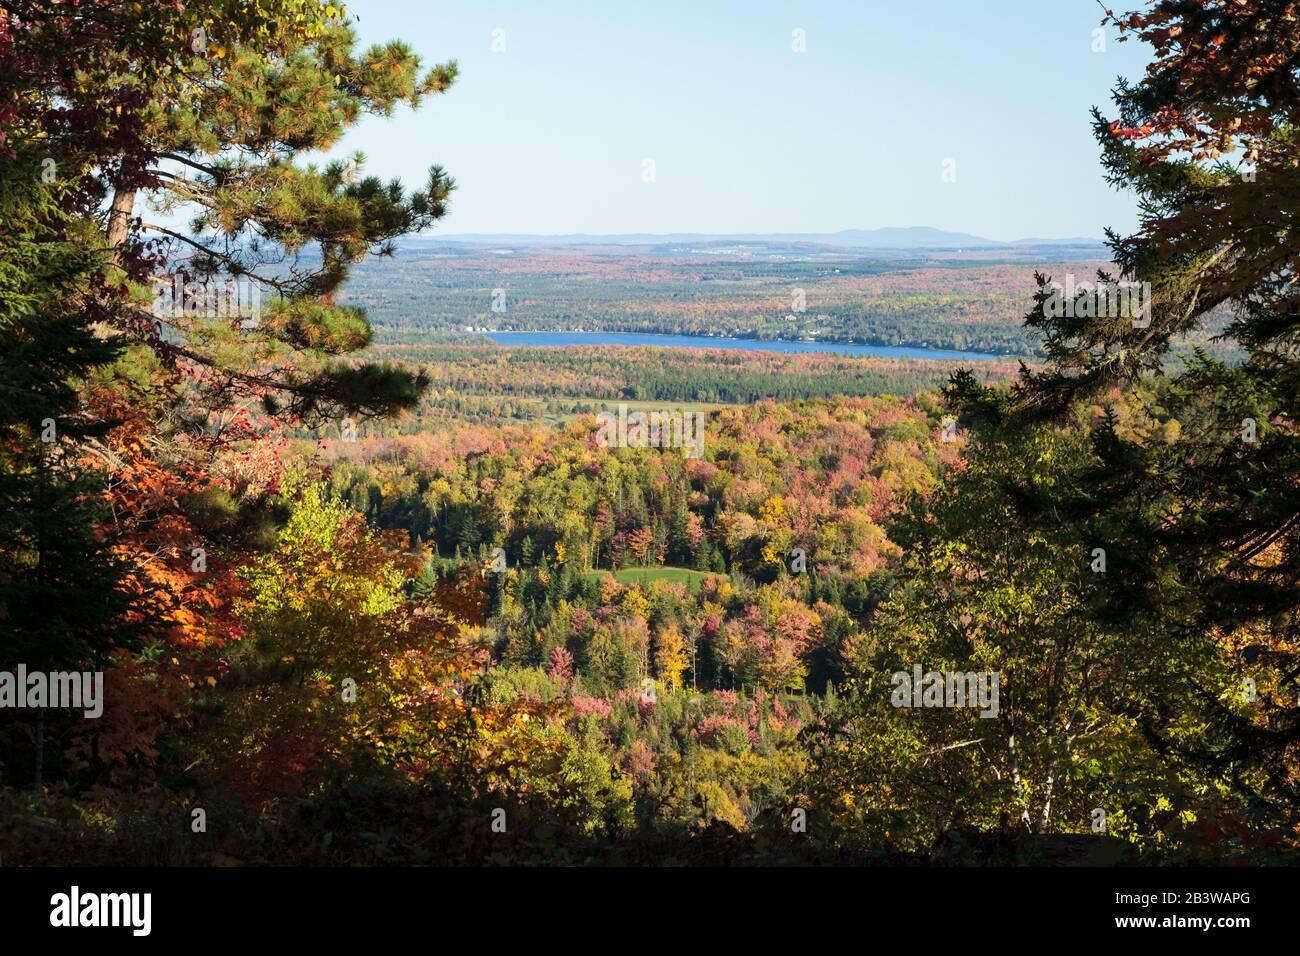 Monte Adstock en otoño con vistas al lago Saint-Francois cerca de Thetford Mines. Cc. Canadá Foto de stock